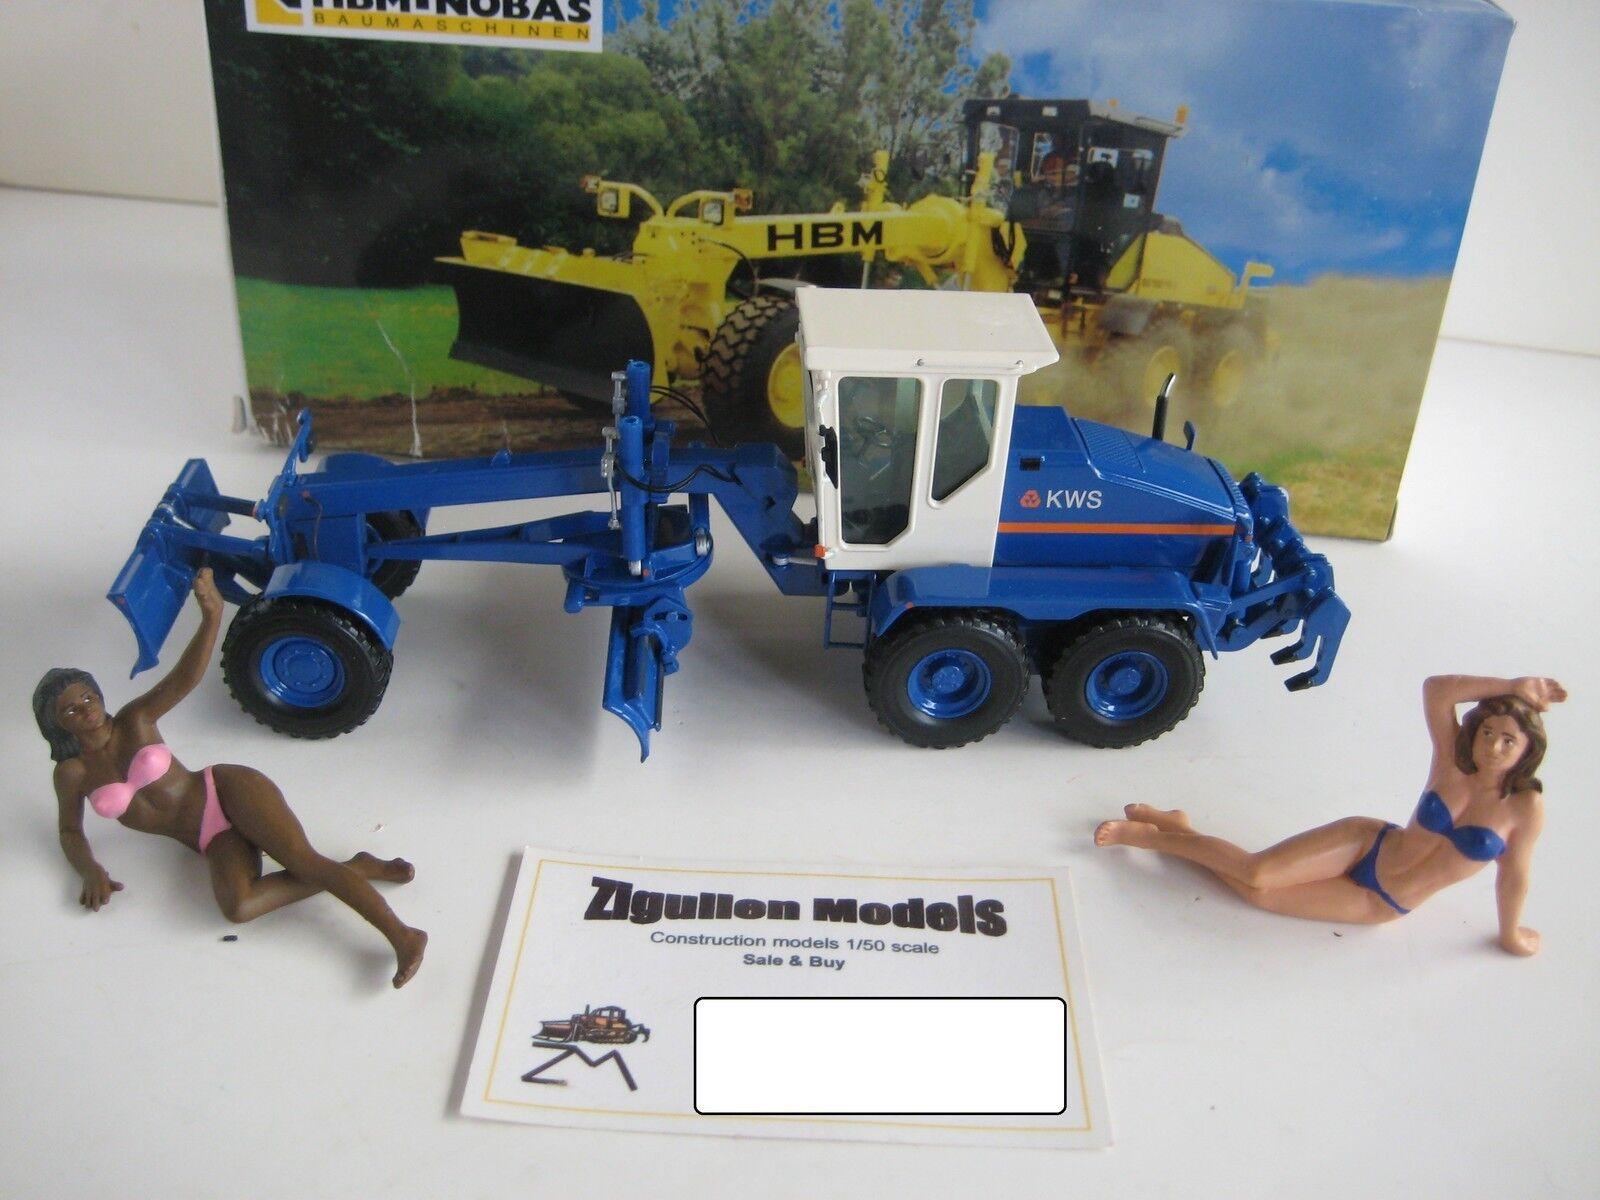 HBM BG 190 TA 3 KWS GRADER  638 NZG 1 50 OVP  | Praktisch Und Wirtschaftlich